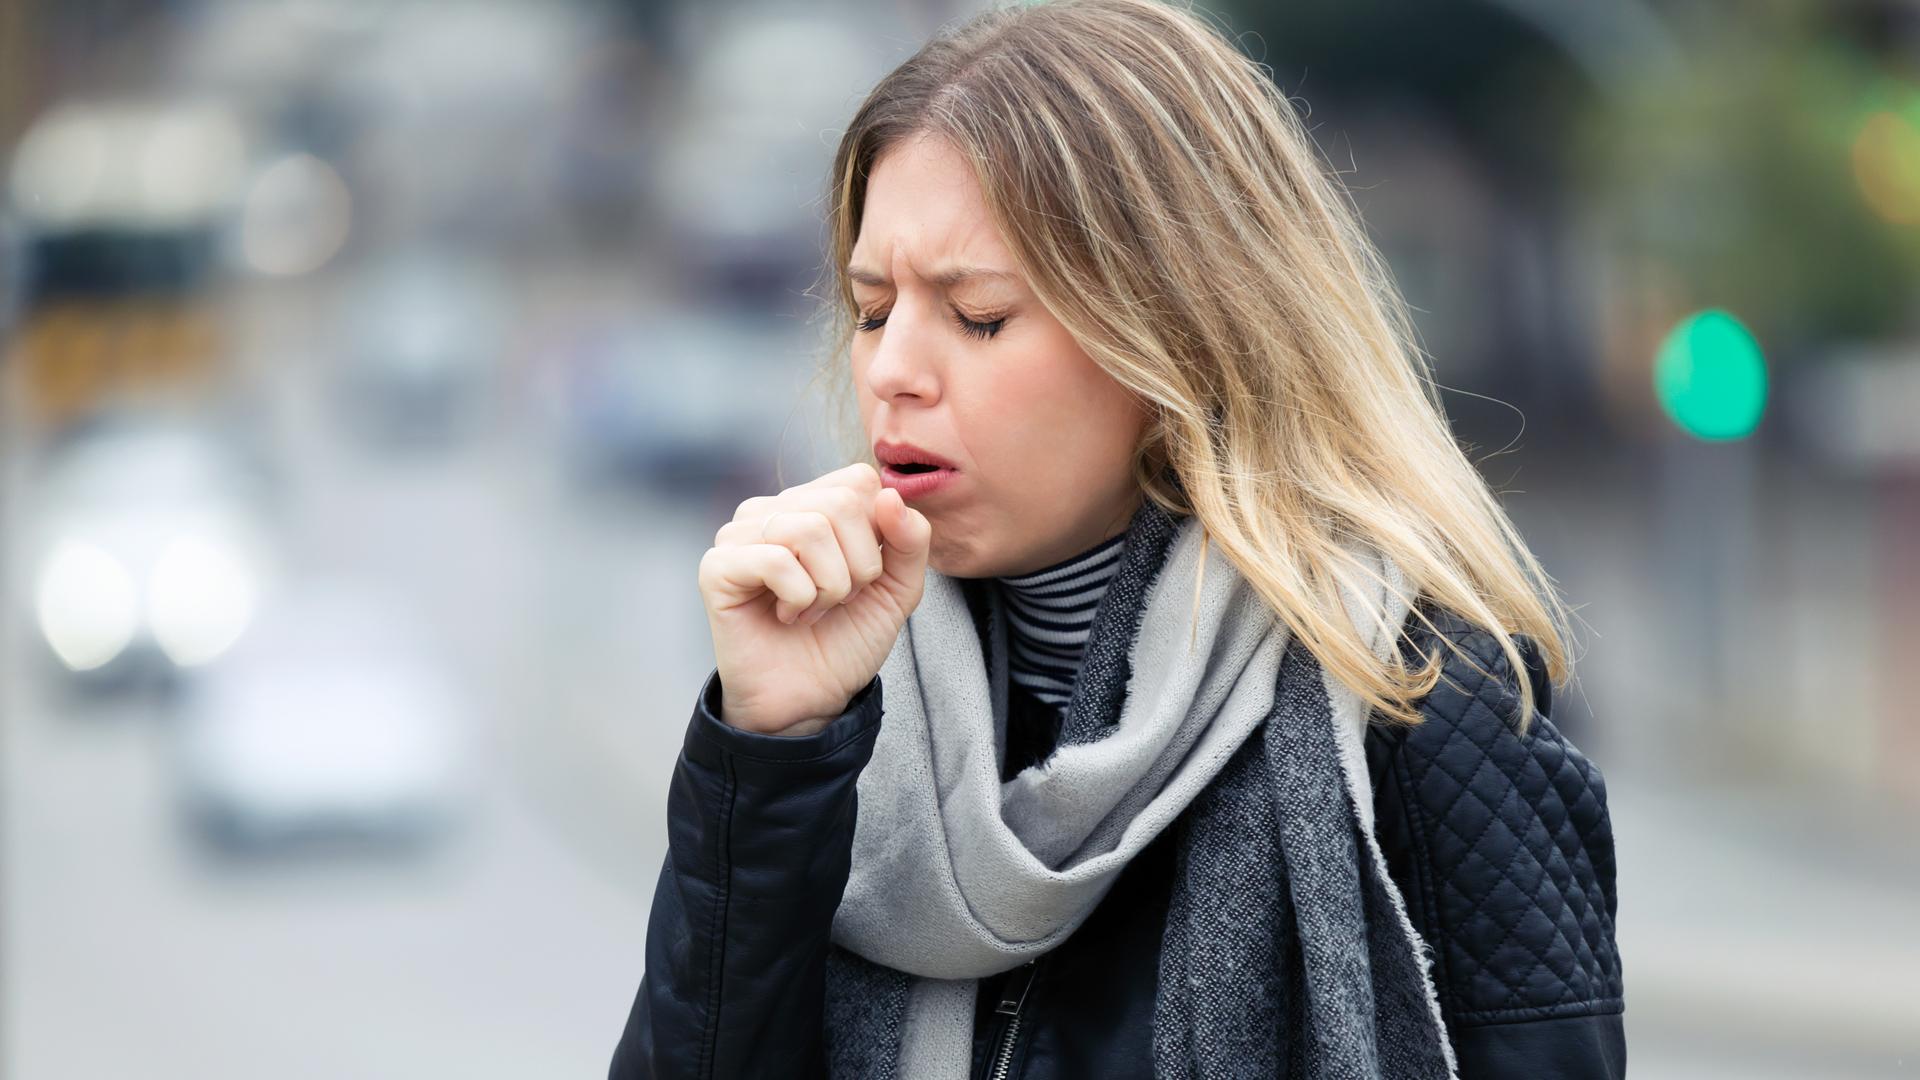 Guía práctica para evitar el contagio del COVID-19